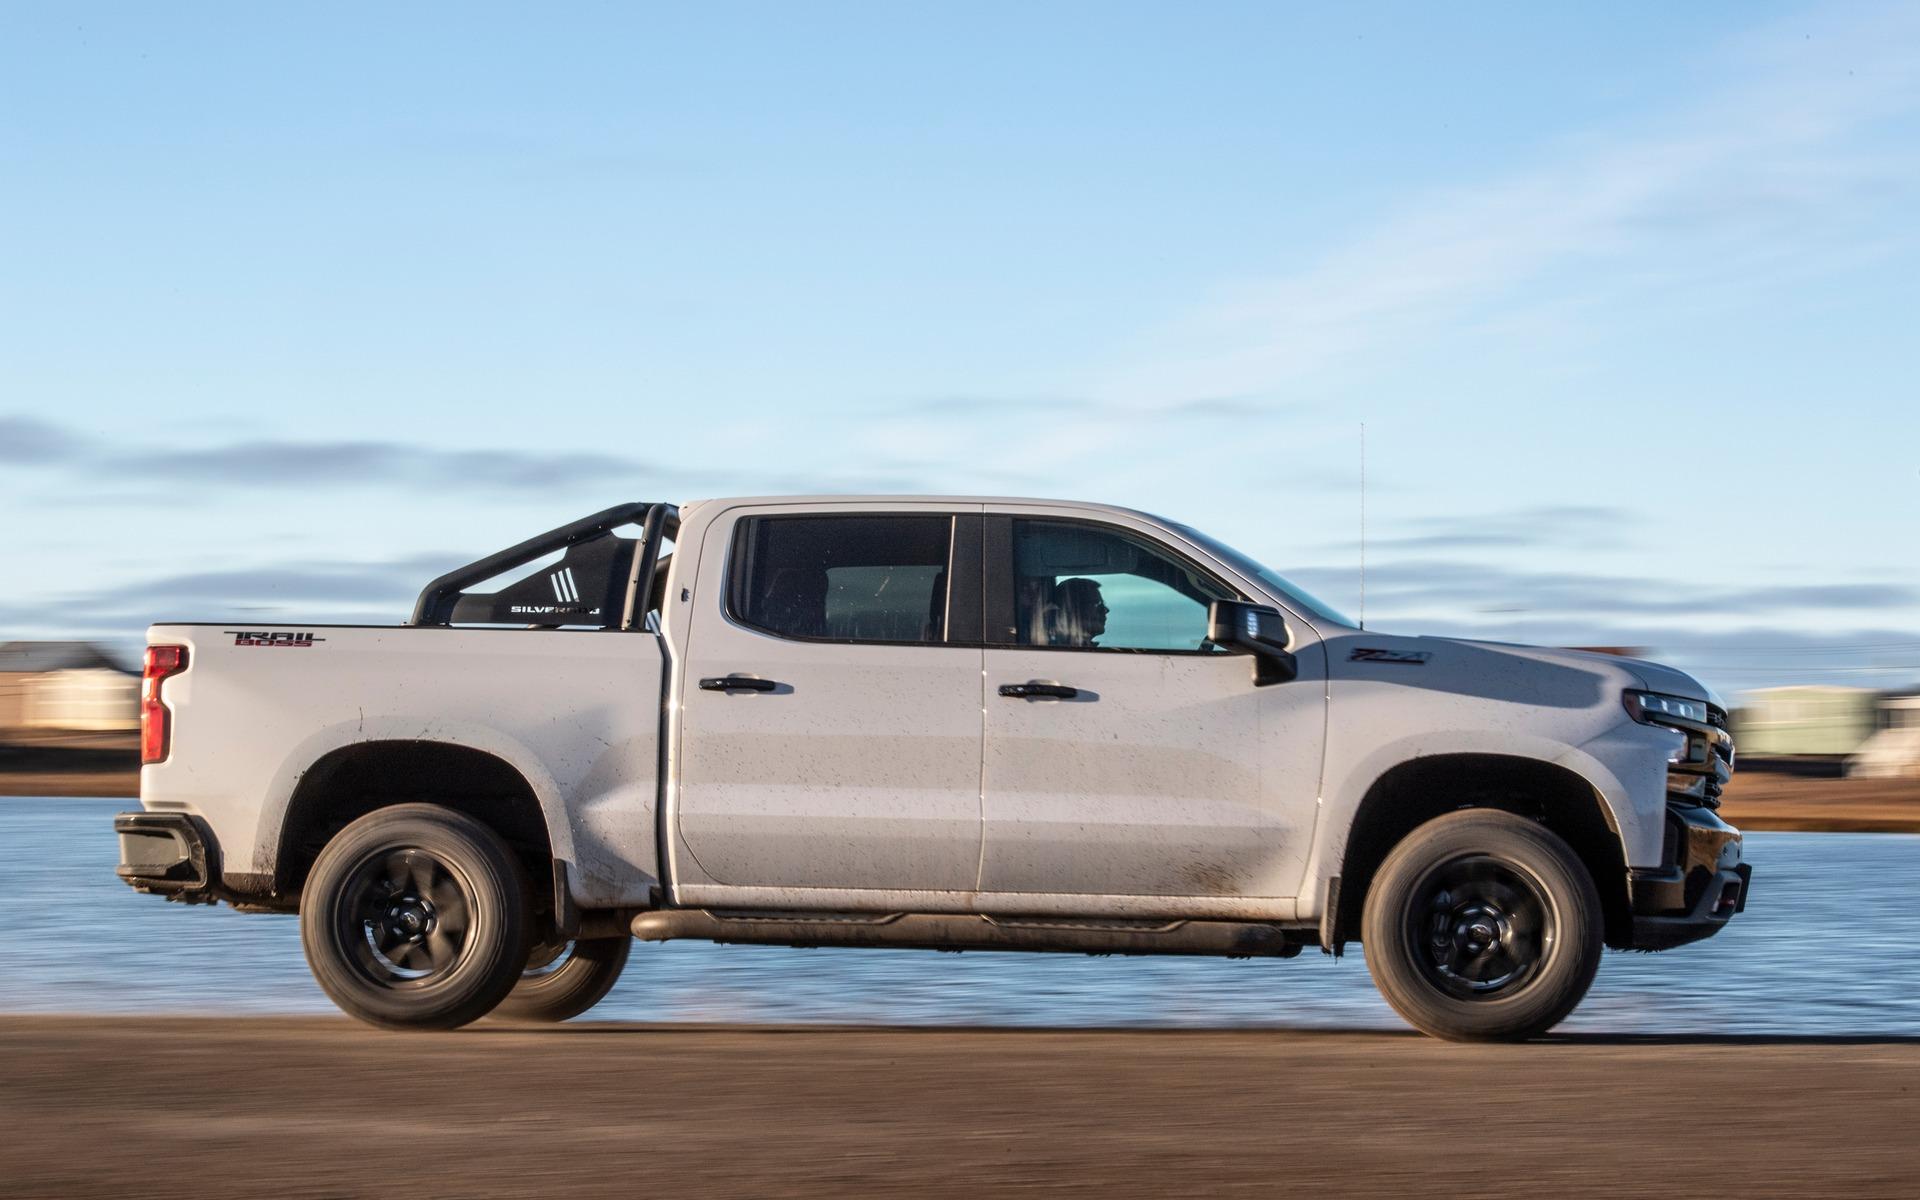 Chevrolet Silverado 2019 : fraîchement remanié pour battre Ford et Ram 349025_2019_Chevrolet_Silverado